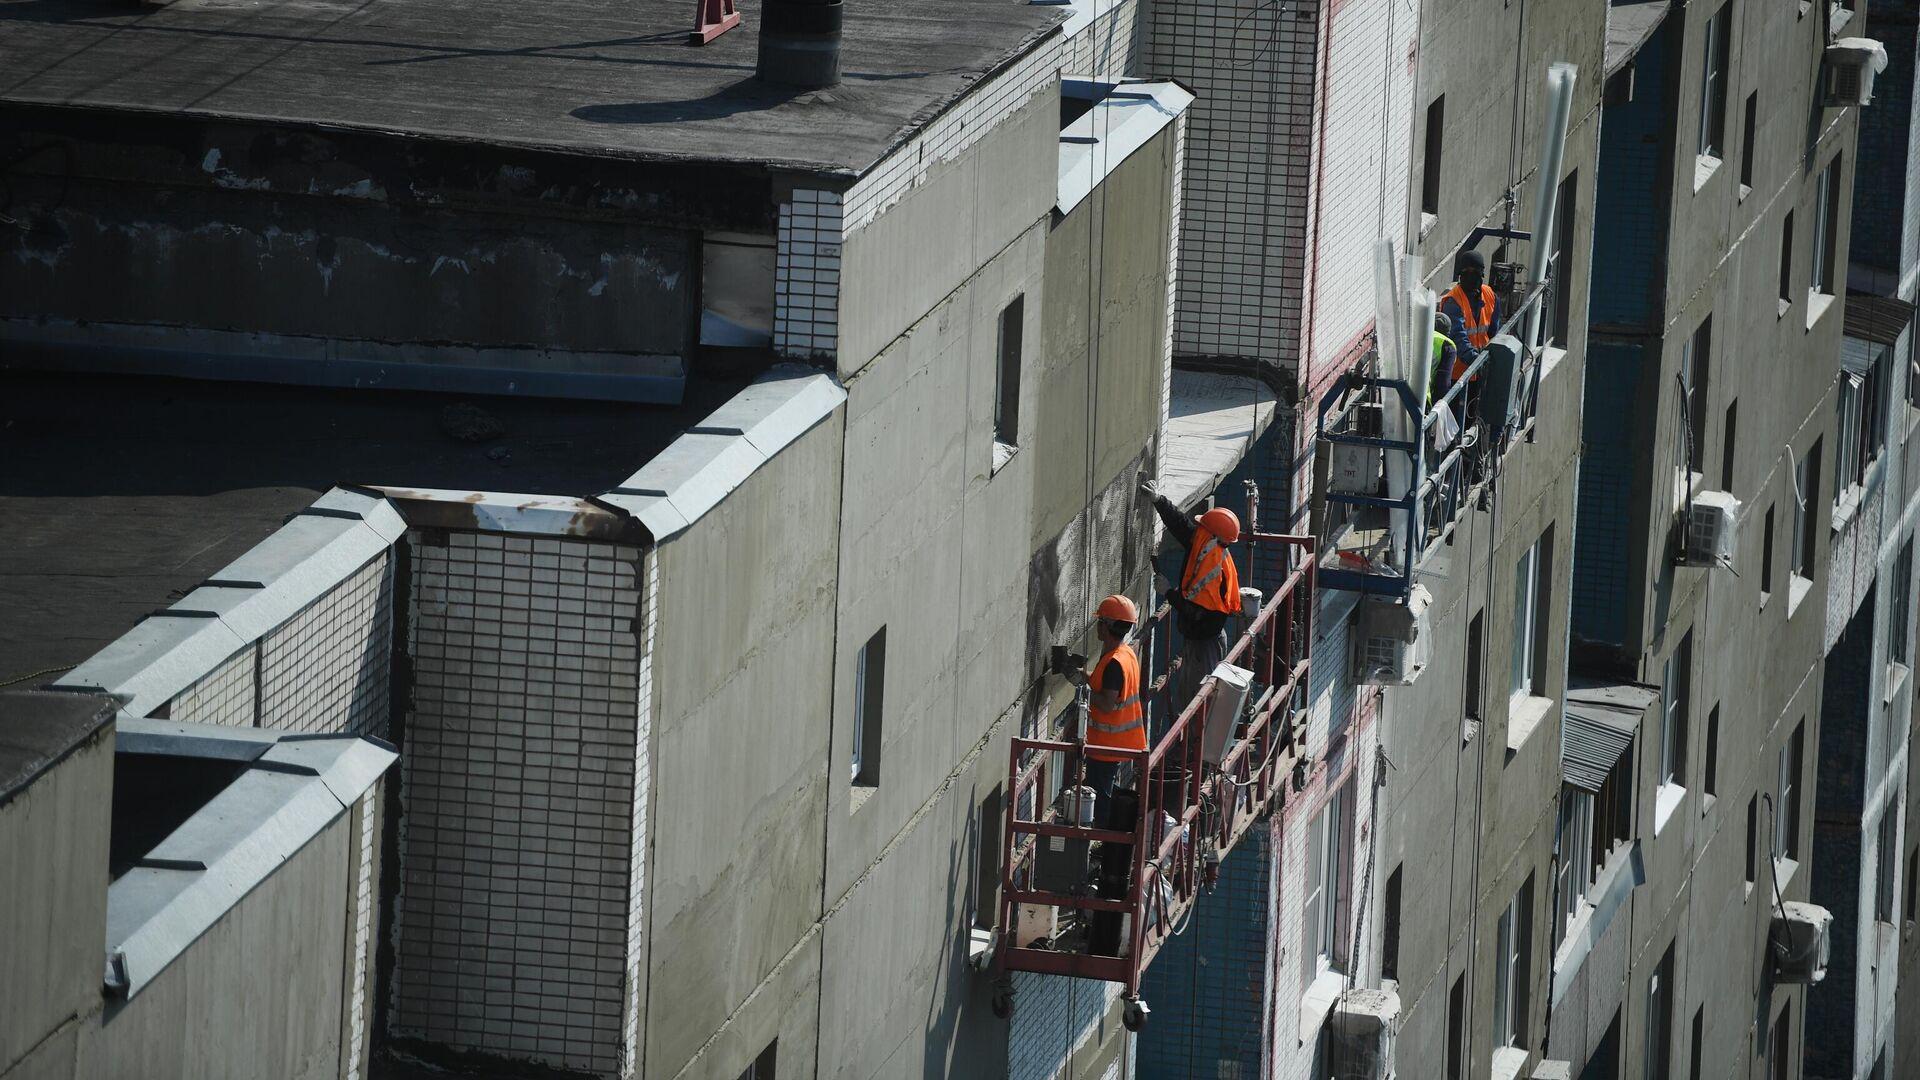 Рабочие проводят ремонт жилого дома - РИА Новости, 1920, 18.09.2020